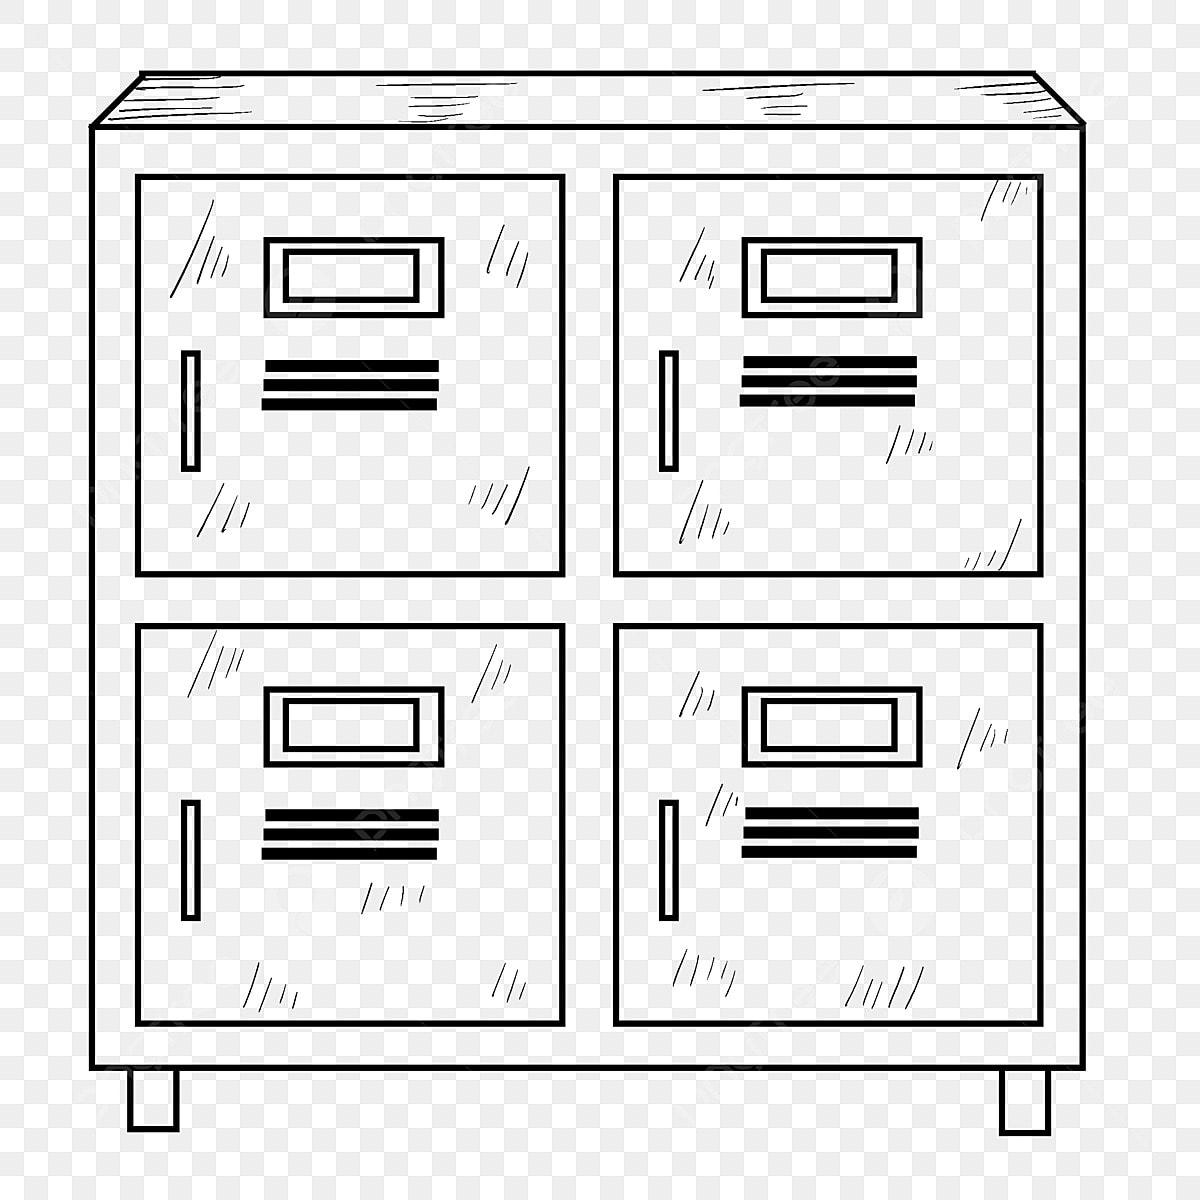 Décoration Pour Casier D École dessin au trait casier casier peint à la main casier de